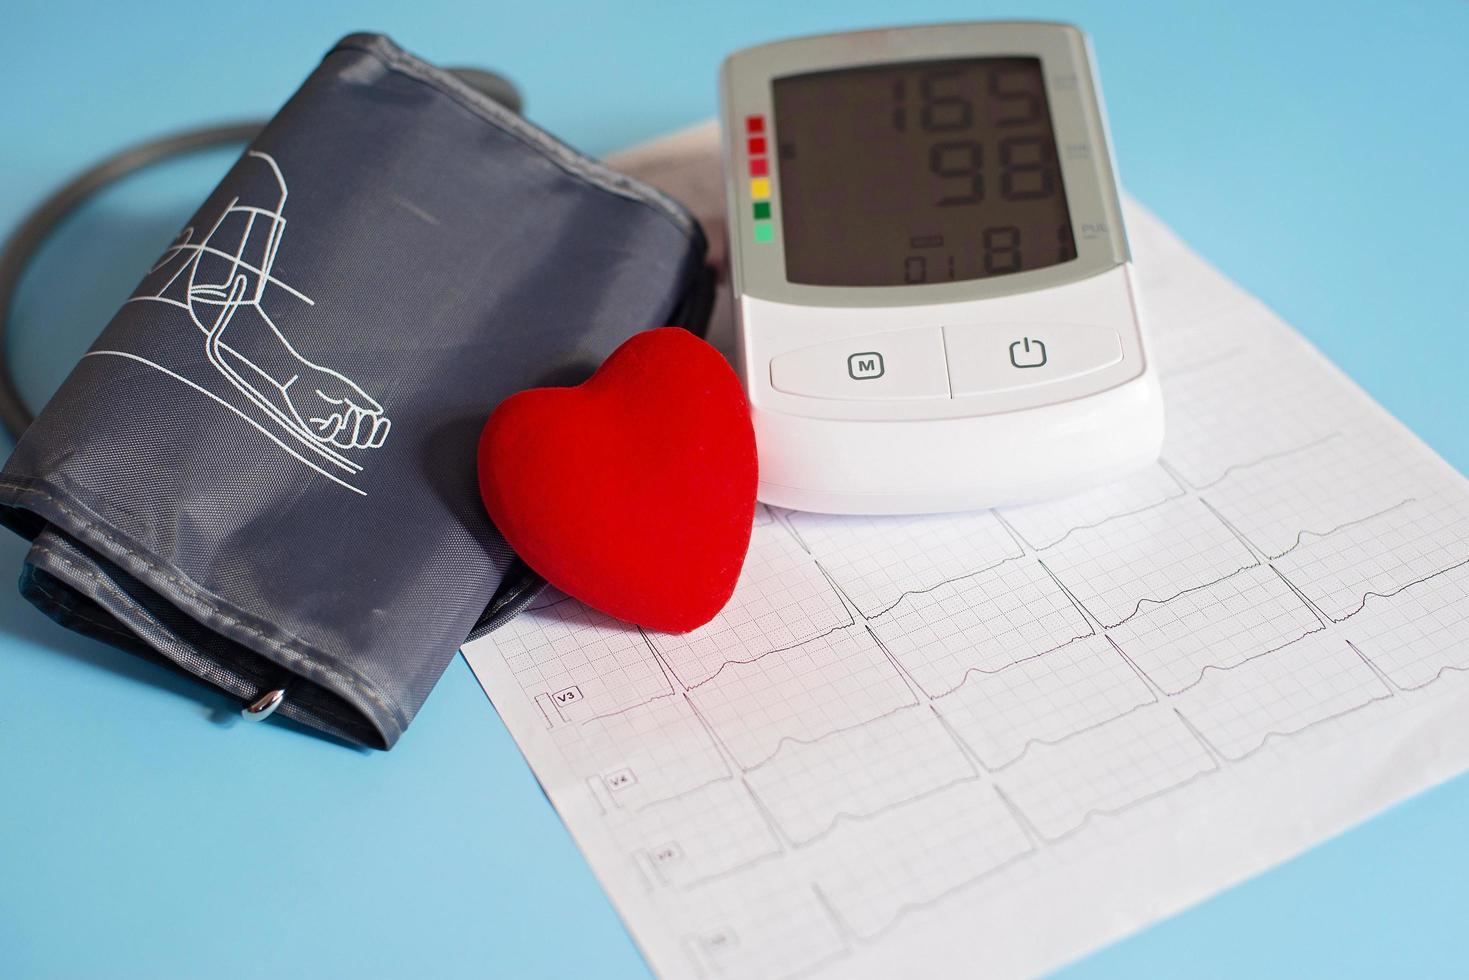 rött leksakshjärta och tonometer på bakgrunden av ett kardiogram. hälsovårdskoncept. kardiologi - vård av hjärtat .. foto